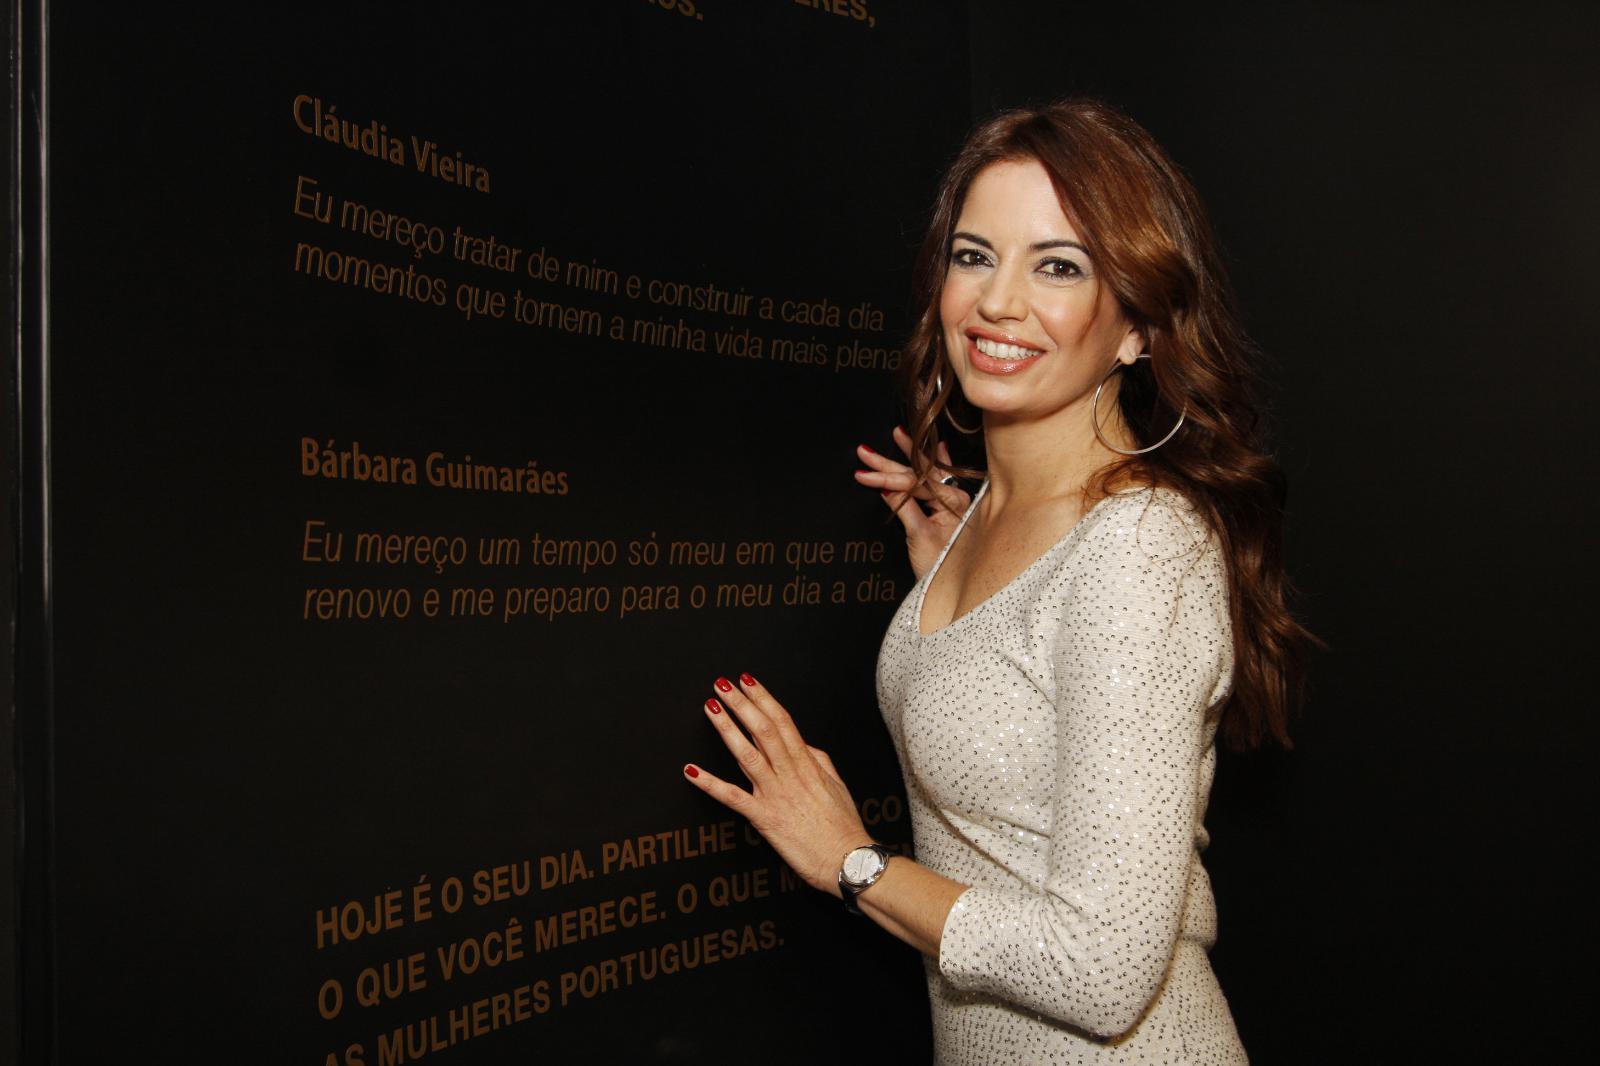 Barbara-Guimaraes 11 (8)